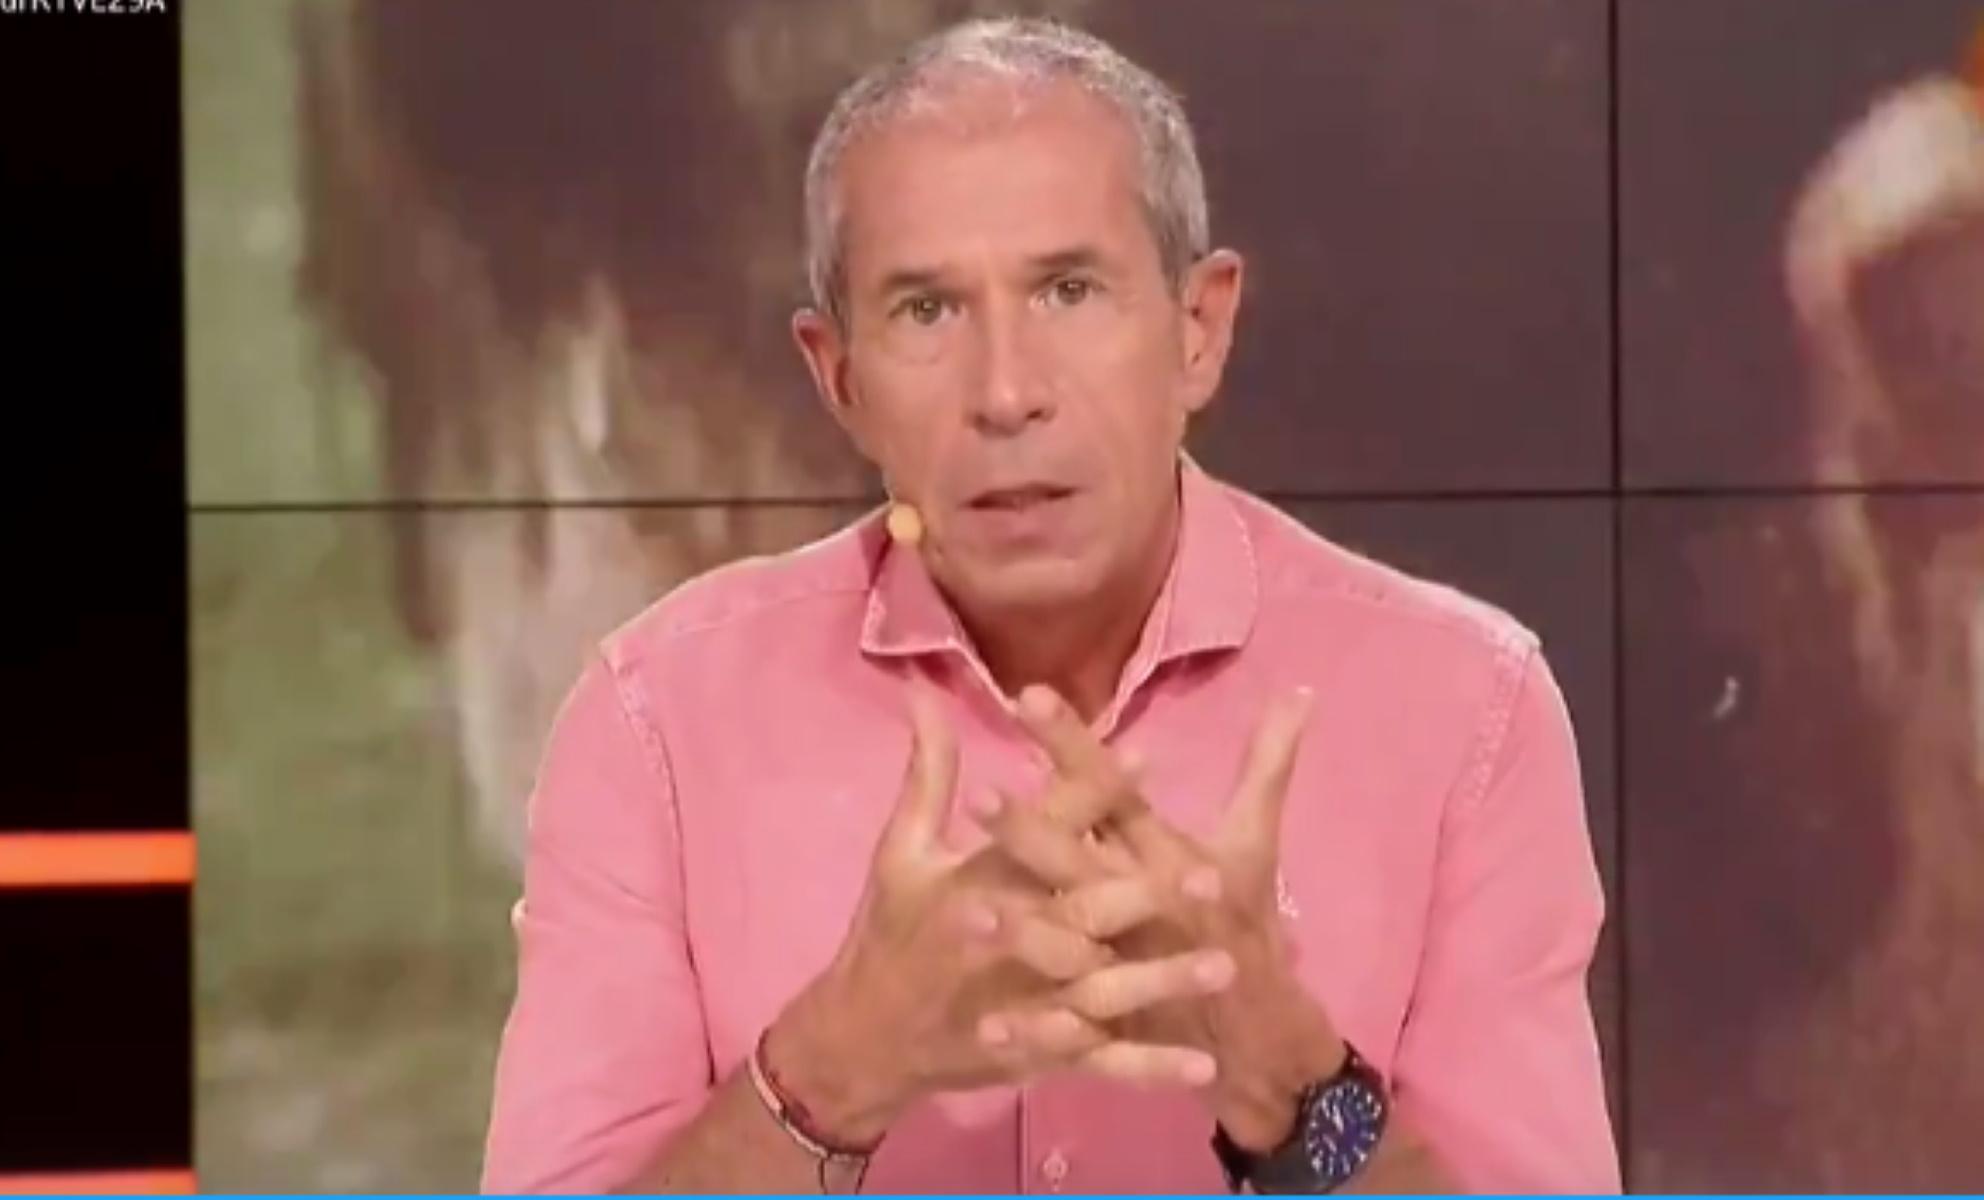 Ισπανός σχολιαστής πήγε τουαλέτα με το μικρόφωνο ανοιχτό (video)